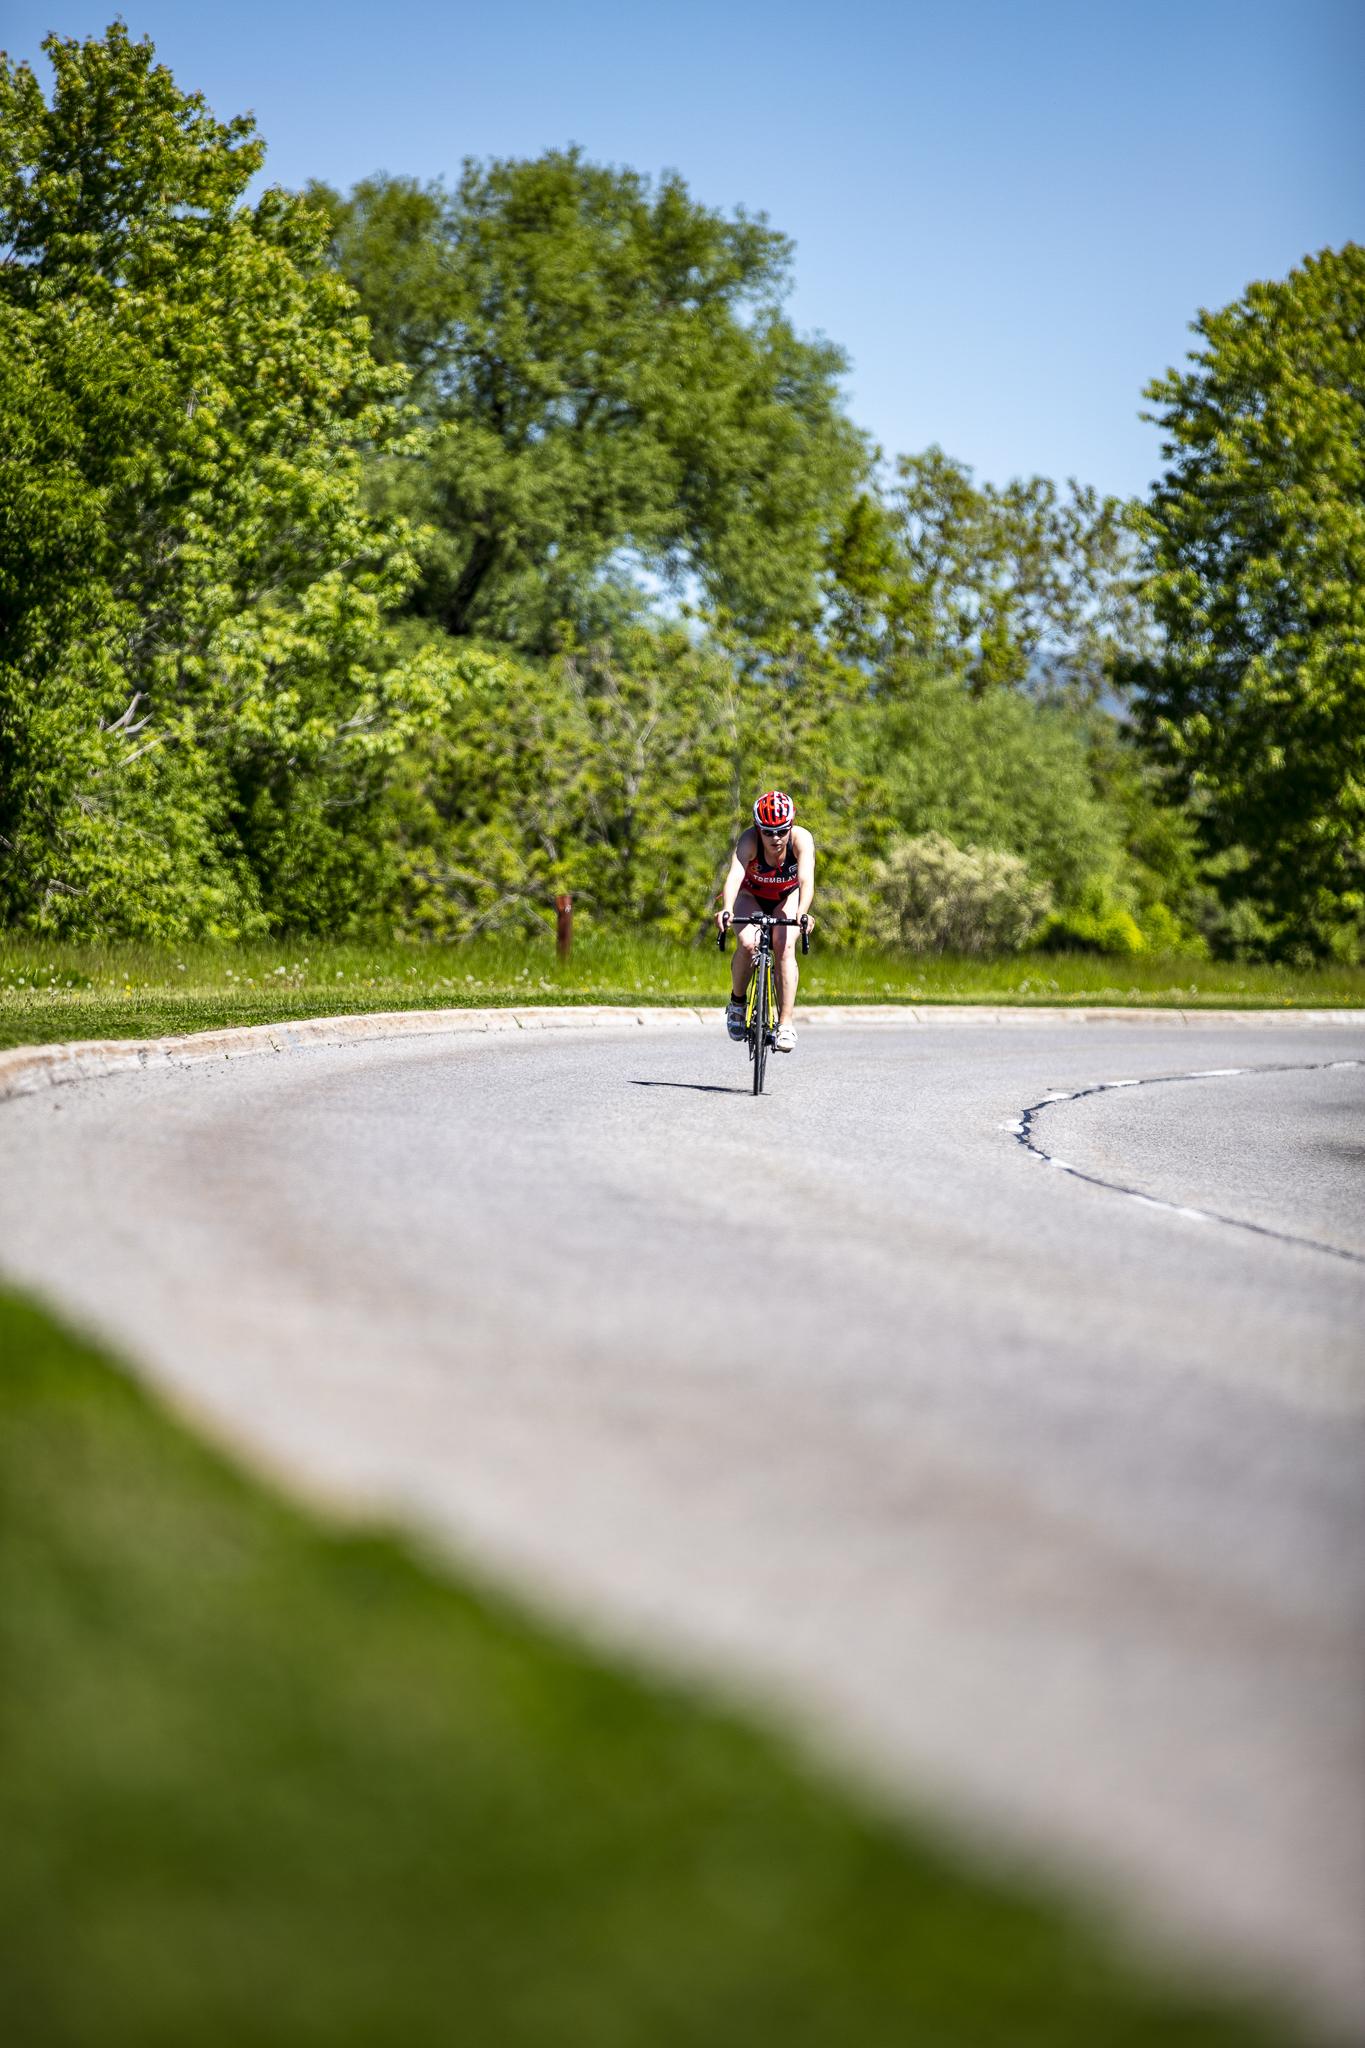 Emilie Tremblay - Somersault Olympic Triathlon - Britannia Beach - Reduced Edits - 08 Jun '19 - 07.JPG